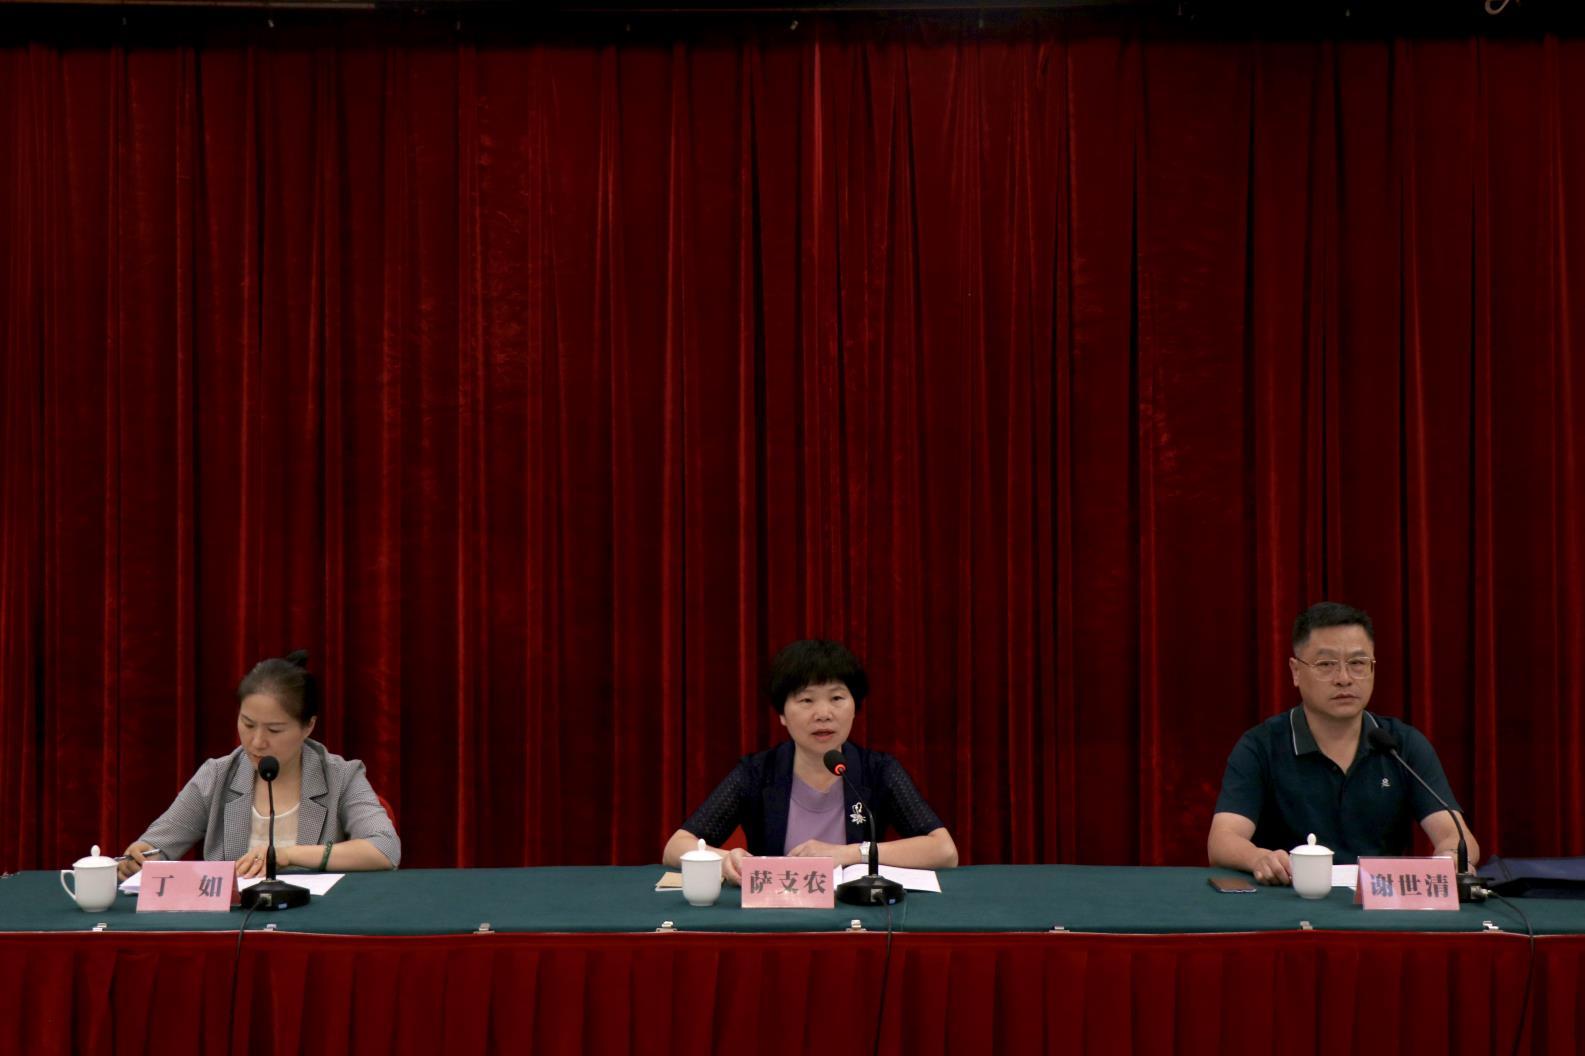 2019年福建省宗教院校骨干教师教学科研能力提升培训班开班式在福州举行